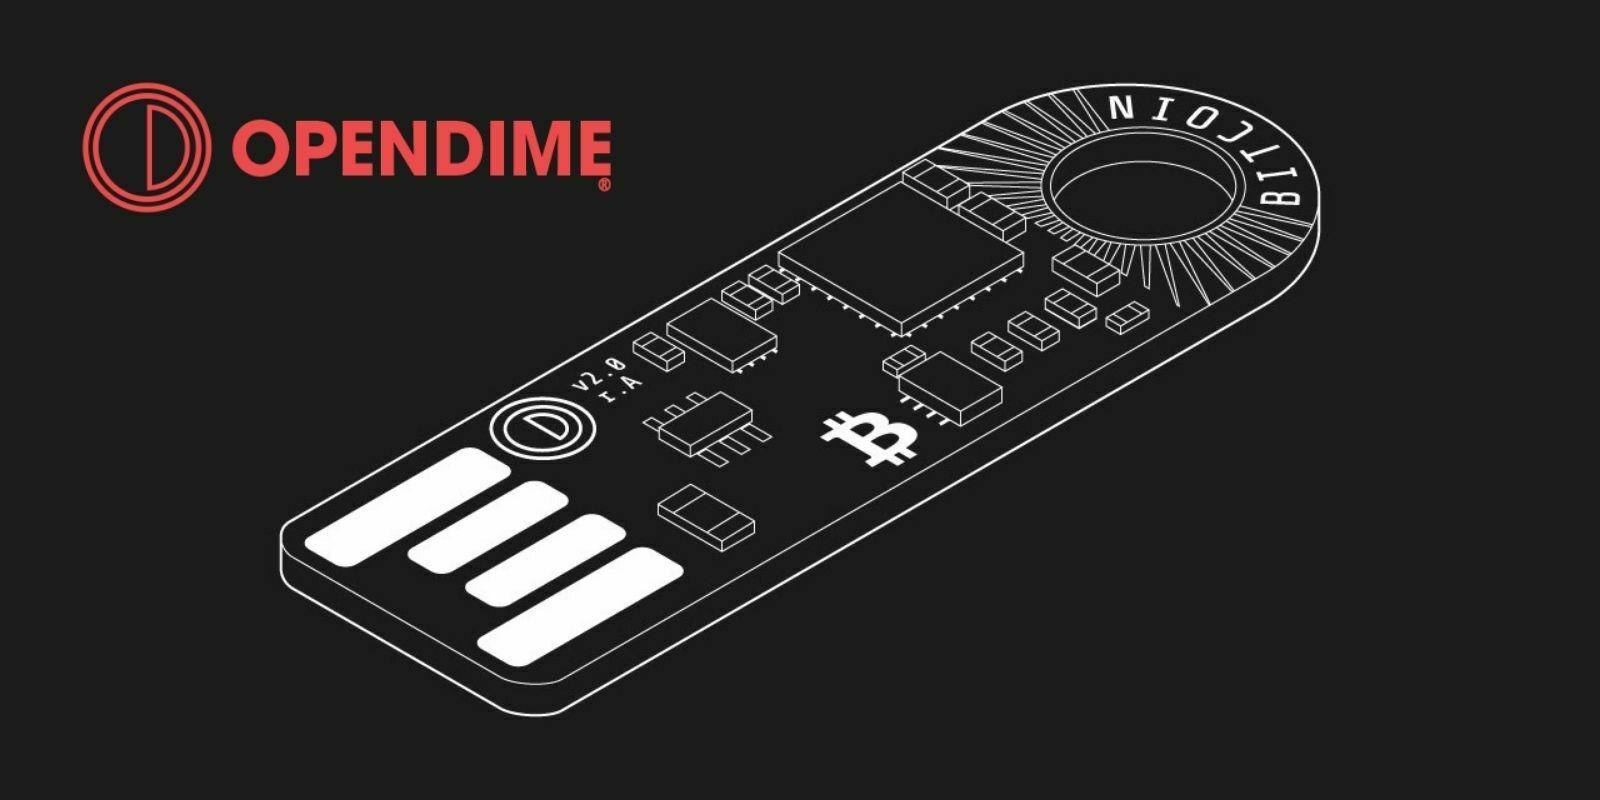 OpenDime : le wallet Bitcoin (BTC) dédié aux transactions physiques